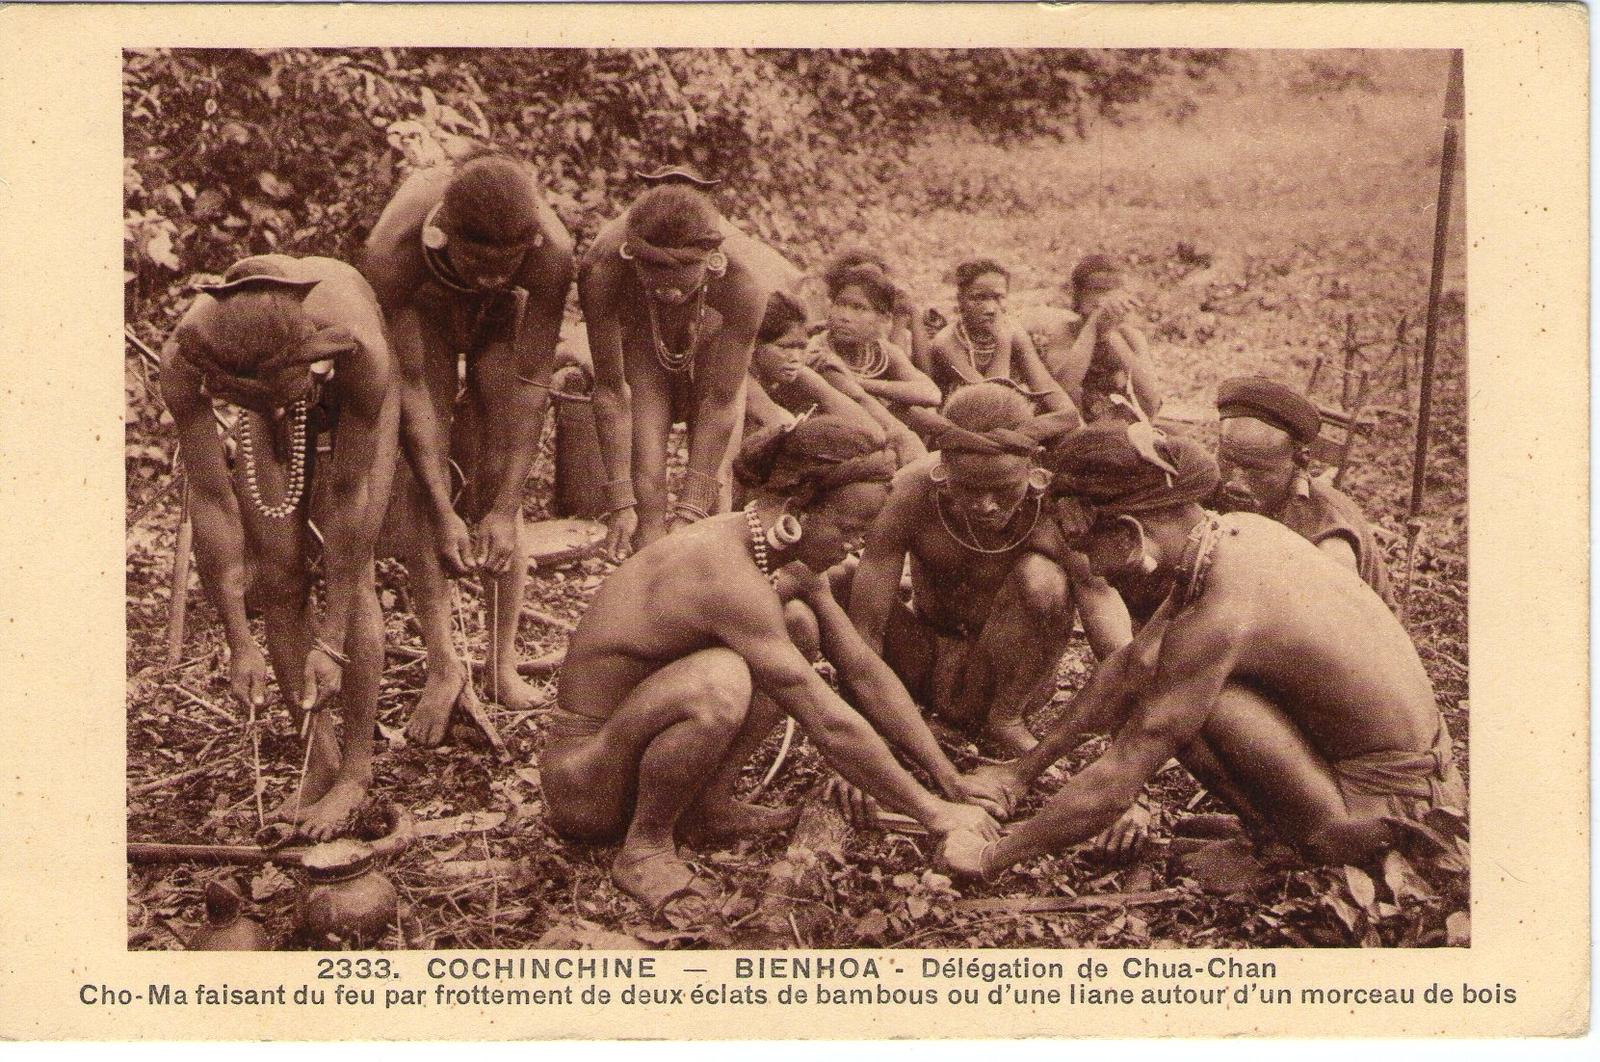 Cochinchine Bienhoa -  des Cho-Ma faisant du feu dans les année 20 environ